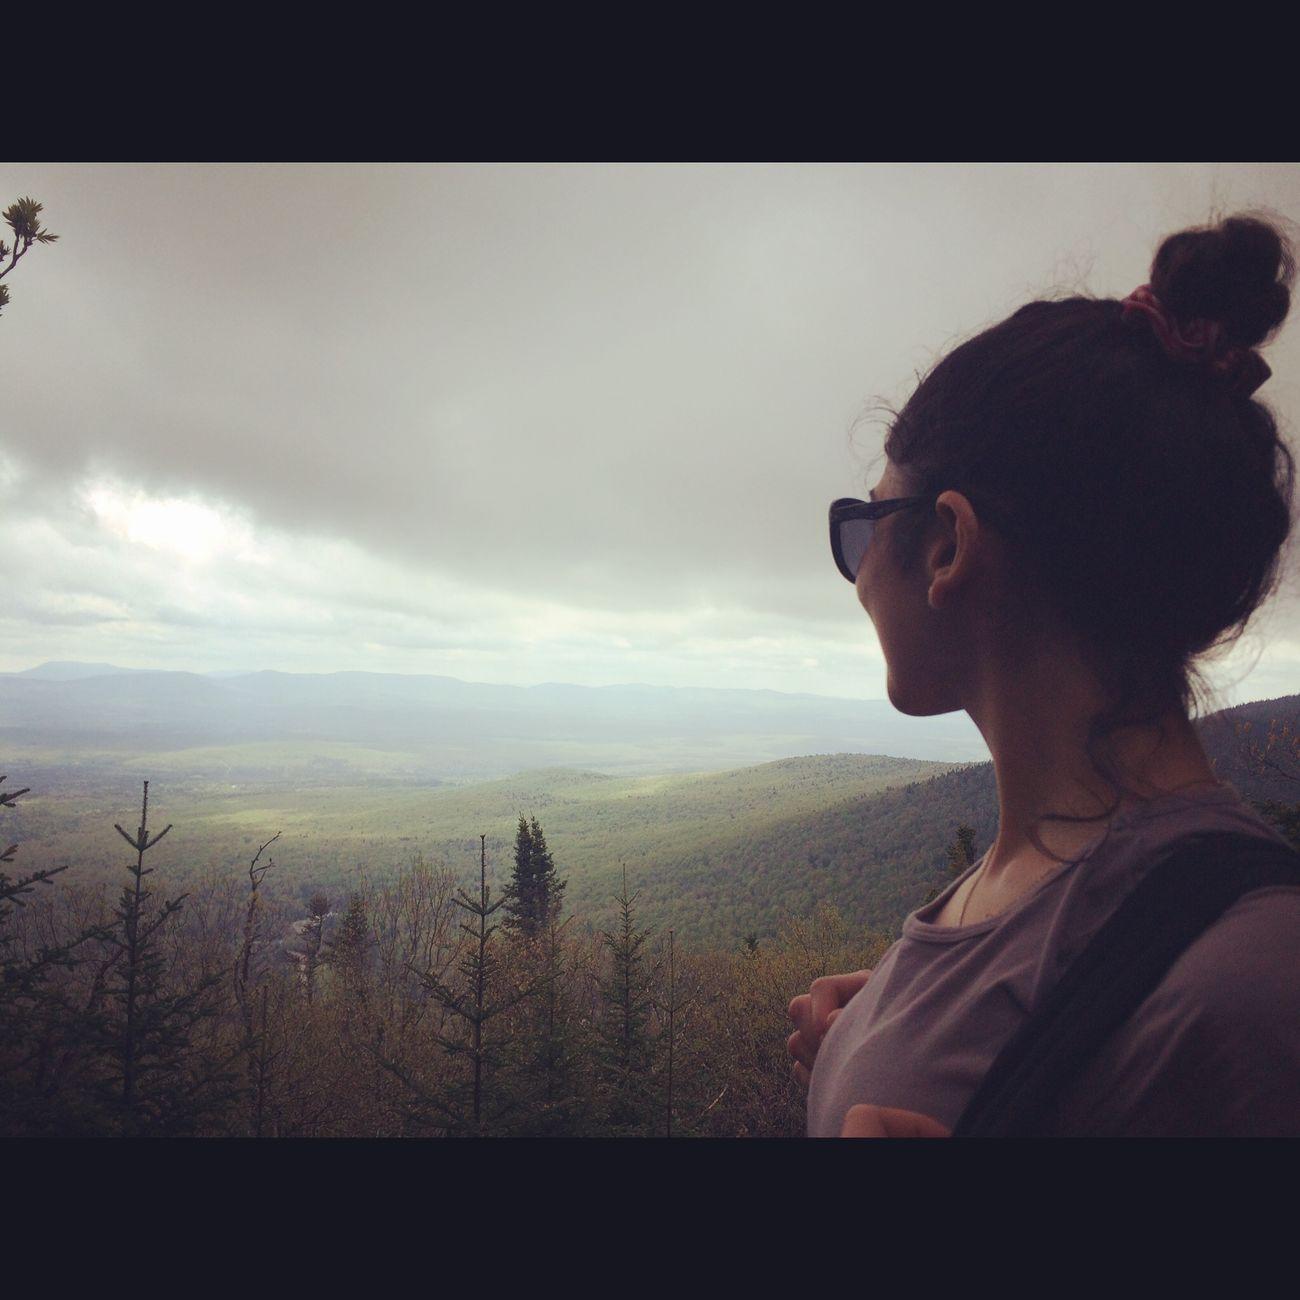 Hiking 25 km! Niceview